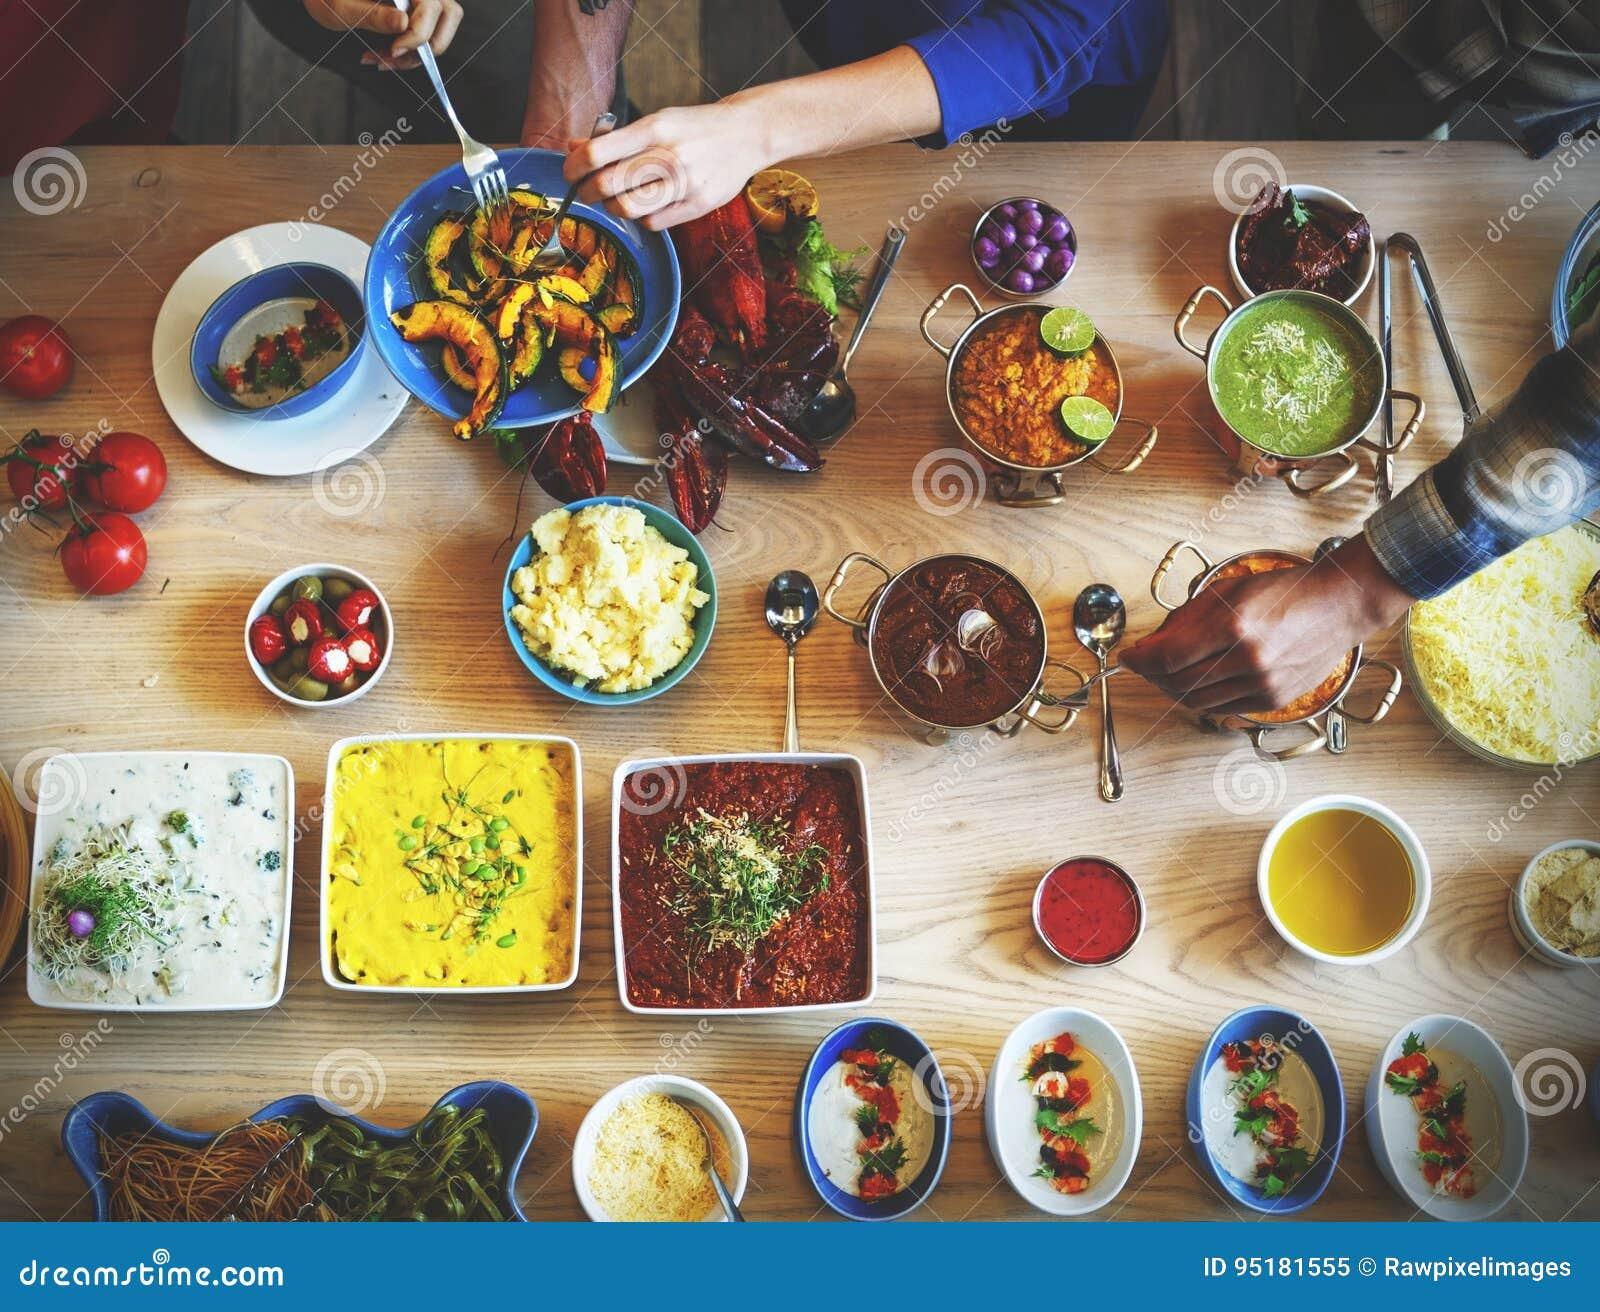 Lebensmittel-Verpflegungs-Küche-kulinarisches feinschmeckerisches Buffet-Partei-Konzept